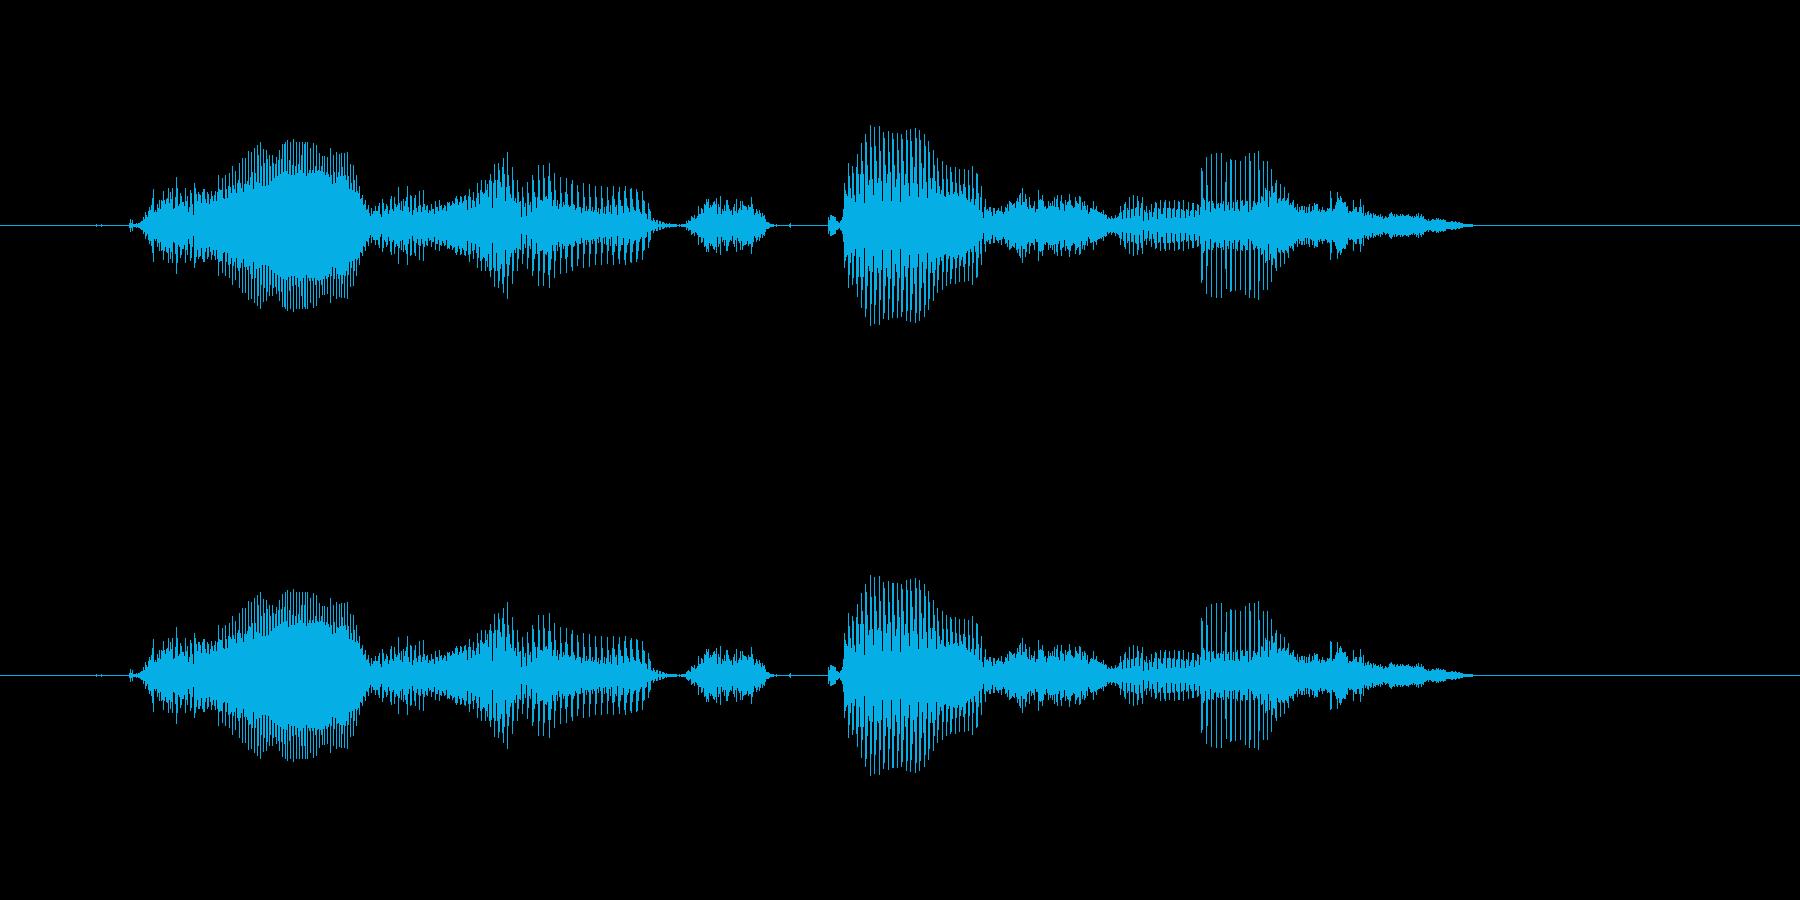 【時報・時間】10時をお伝えしますの再生済みの波形